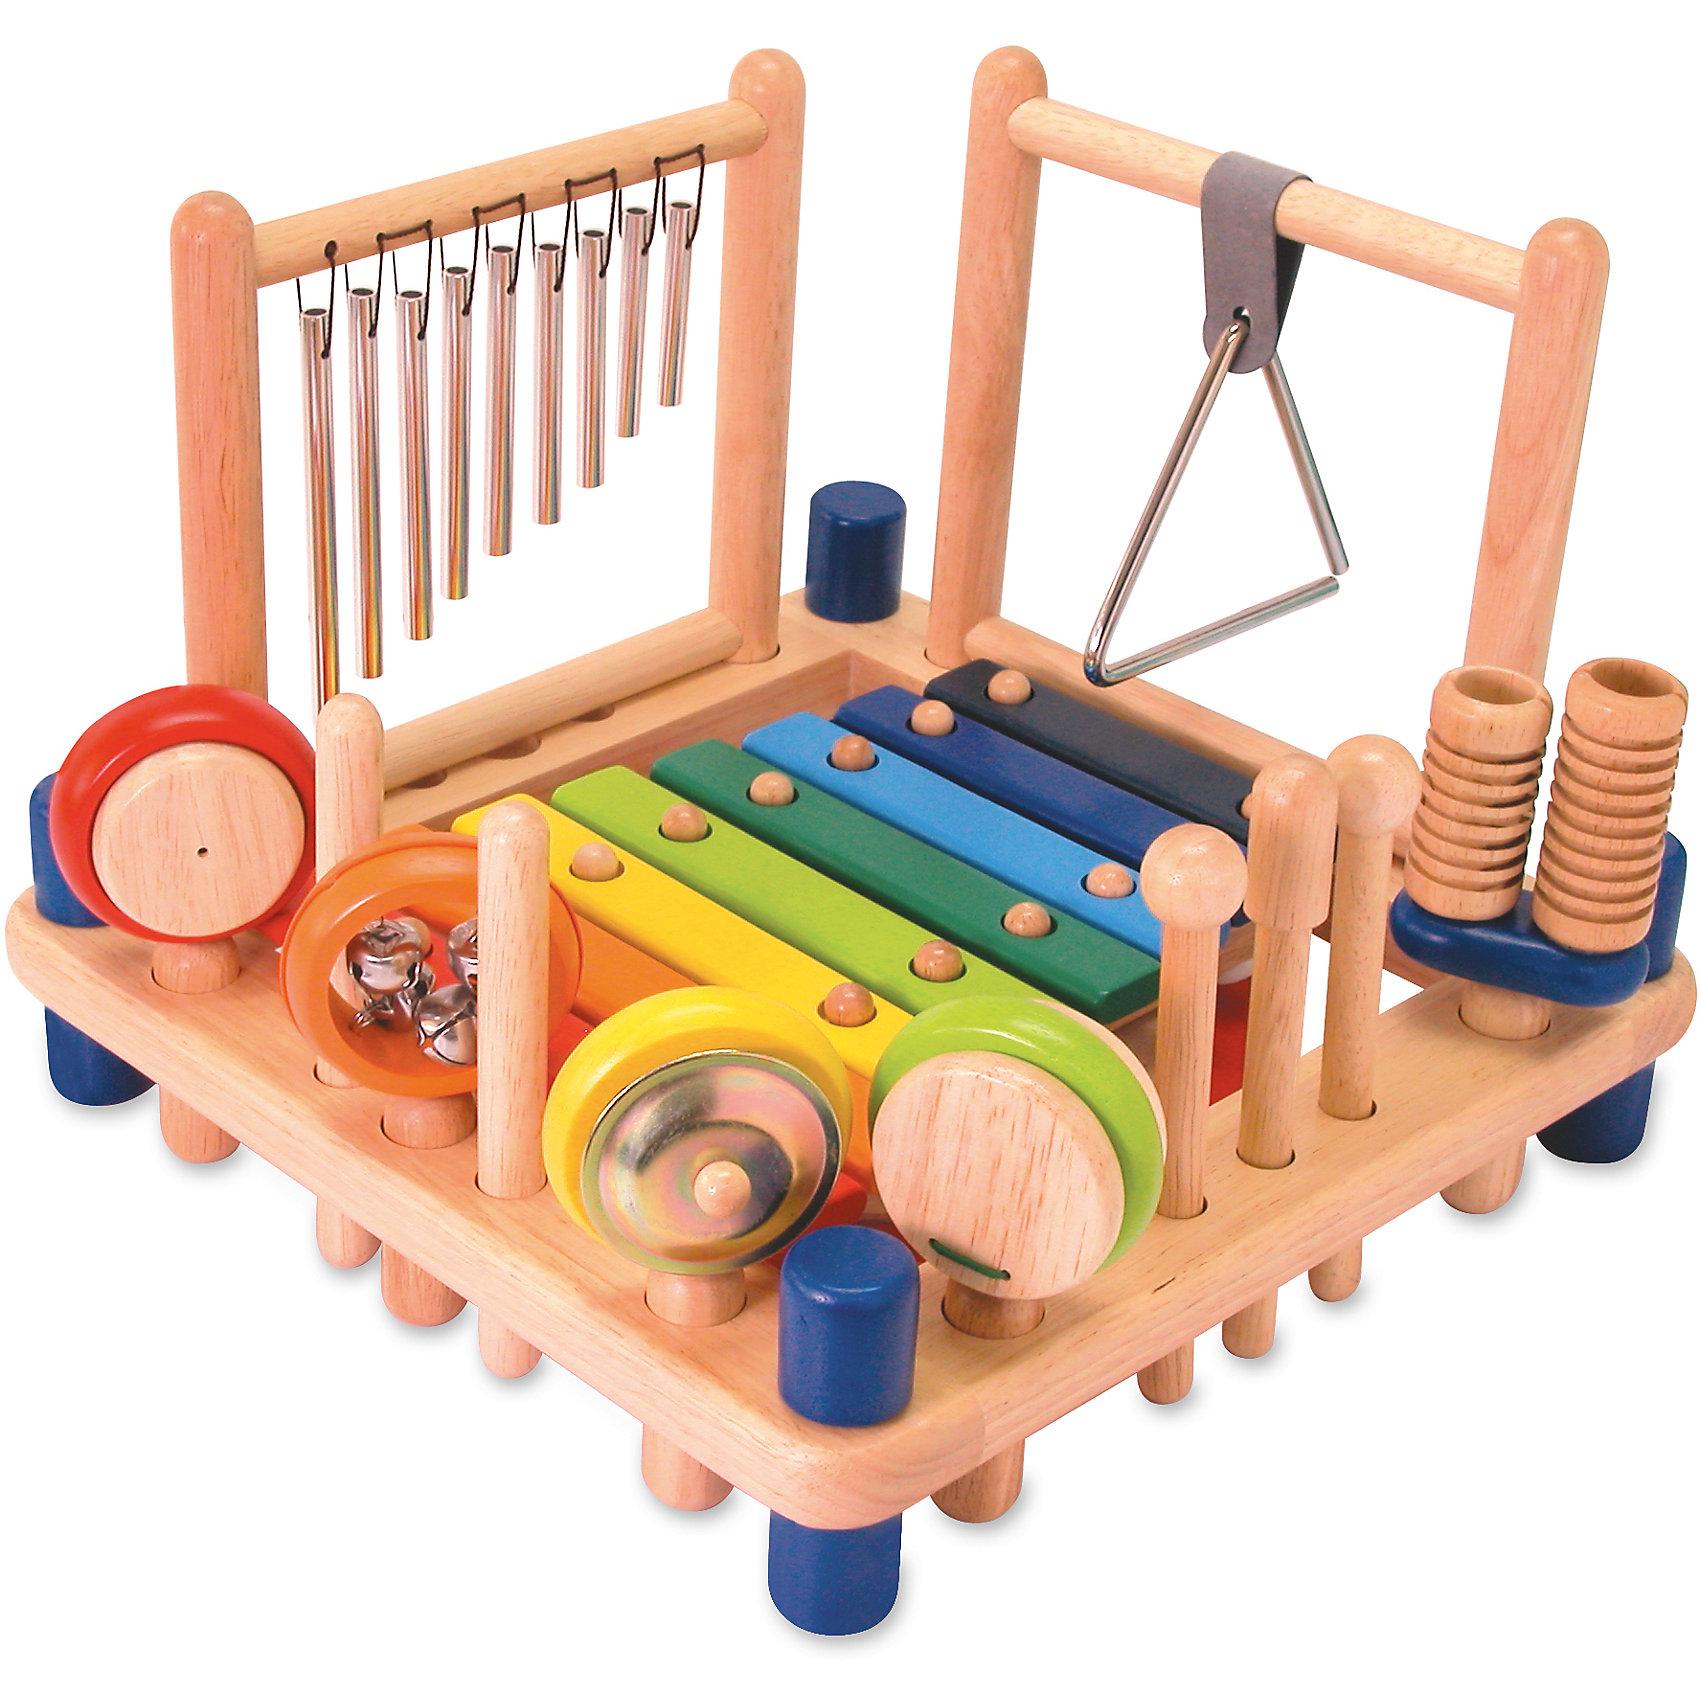 Развивающий набор Музыкальные инструменты, IM TOYМногие дети обожают играть на музыкальных инструментах. Сделать это занятие веселее поможет набор из качественных деревянных инструментов. Они сделаны из прочного и гладкого китайского клена - он абсолютно безопасен для детей и тщательно обработан. Музыкальные инструменты закреплены на двусторонней станине, где есть ксилофон, барабан и съемные рамка с треугольником, куранты, маракасы, бубенчики, литавры, кастаньеты, коробочки и палочки. С этим набором могут играть могут сразу несколько человек - можно собрать свою группу или маленький оркестр!<br>Такой набор обязательно порадует ребенка! Игра с ним помогает детям развивать музыкальный слух. Набор сделан из качественных и безопасных для ребенка материалов.<br><br>Дополнительная информация:<br><br>цвет: разноцветный;<br>размер станины: 33 х 33 см;<br>размер упаковки: 34 х 34 х 10 см;<br>комплектация:  ксилофон, барабан, цимбалы, маракасы, трещотка, кастаньеты, треугольник, металлические трубочки, 5 деревянных палочек, 8 деталей ножек стола;<br>материал: дерево.<br><br>Развивающий набор Музыкальные инструменты, IM TOY можно купить в нашем магазине.<br><br>Ширина мм: 250<br>Глубина мм: 330<br>Высота мм: 330<br>Вес г: 250<br>Возраст от месяцев: 36<br>Возраст до месяцев: 96<br>Пол: Мужской<br>Возраст: Детский<br>SKU: 4915069